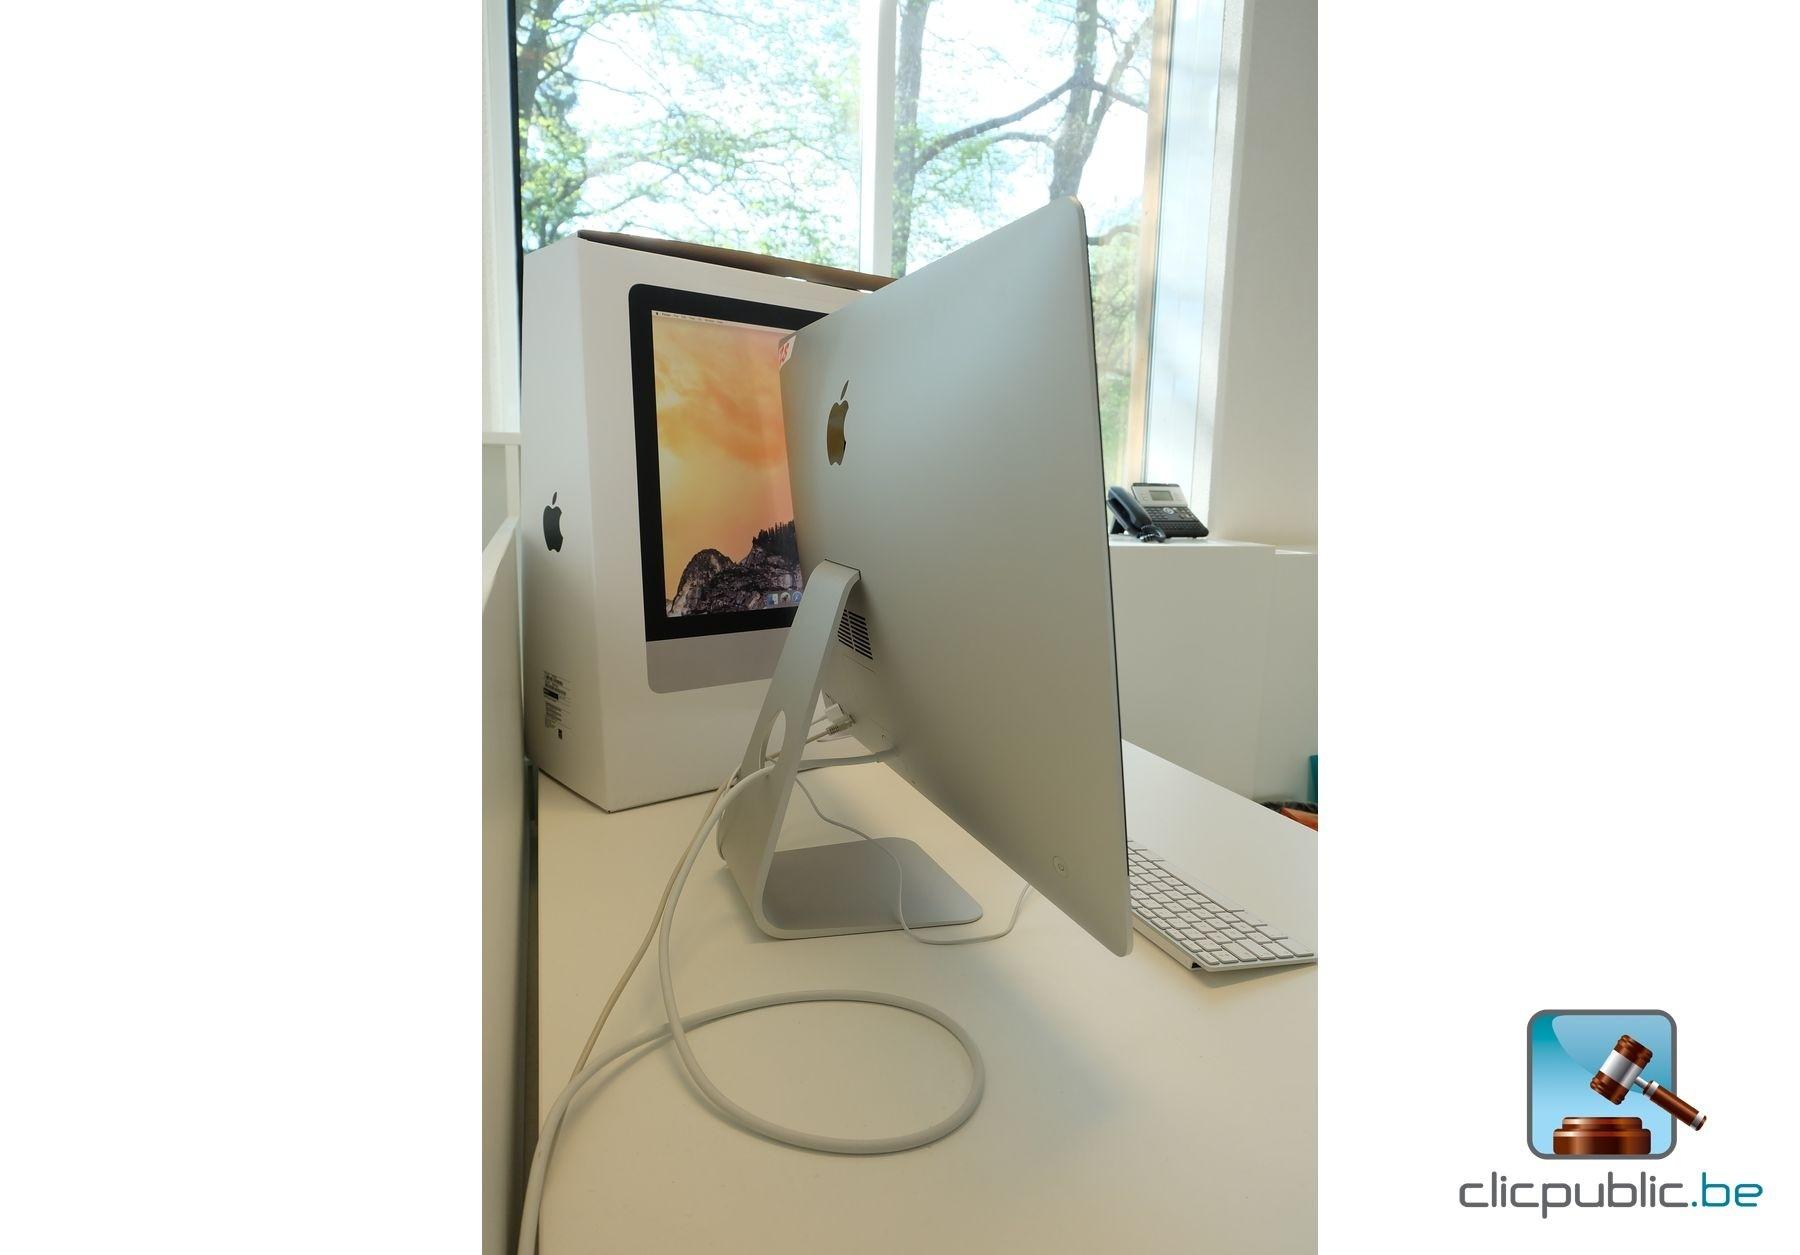 ordinateur de bureau apple imac 27 224 vendre sur clicpublic be